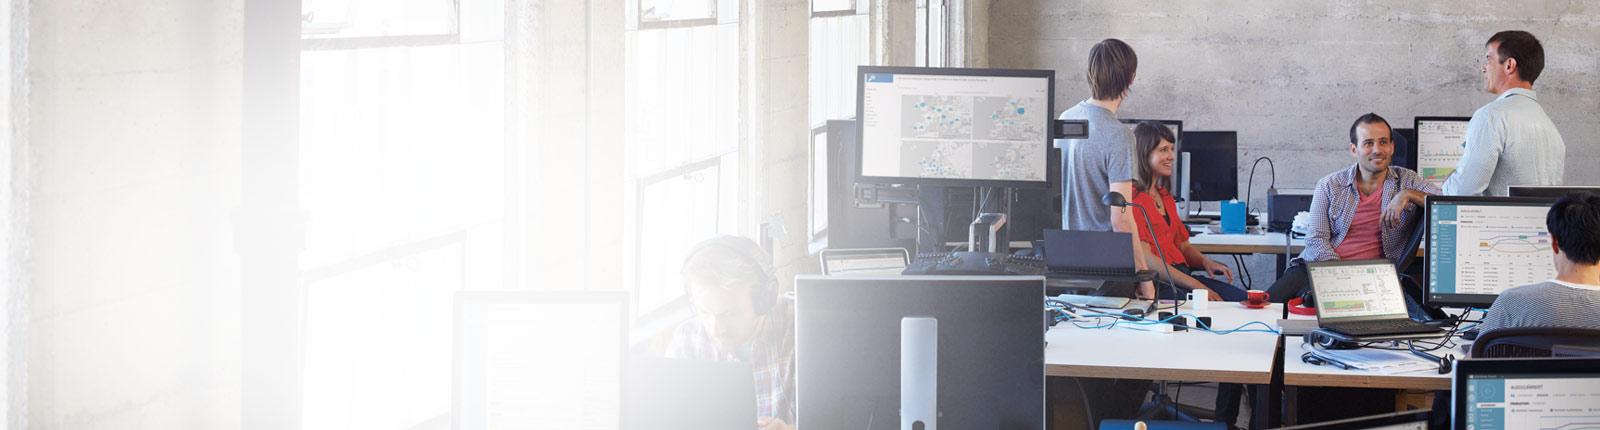 Fünf Personen im Büro am Computer mit Office365.